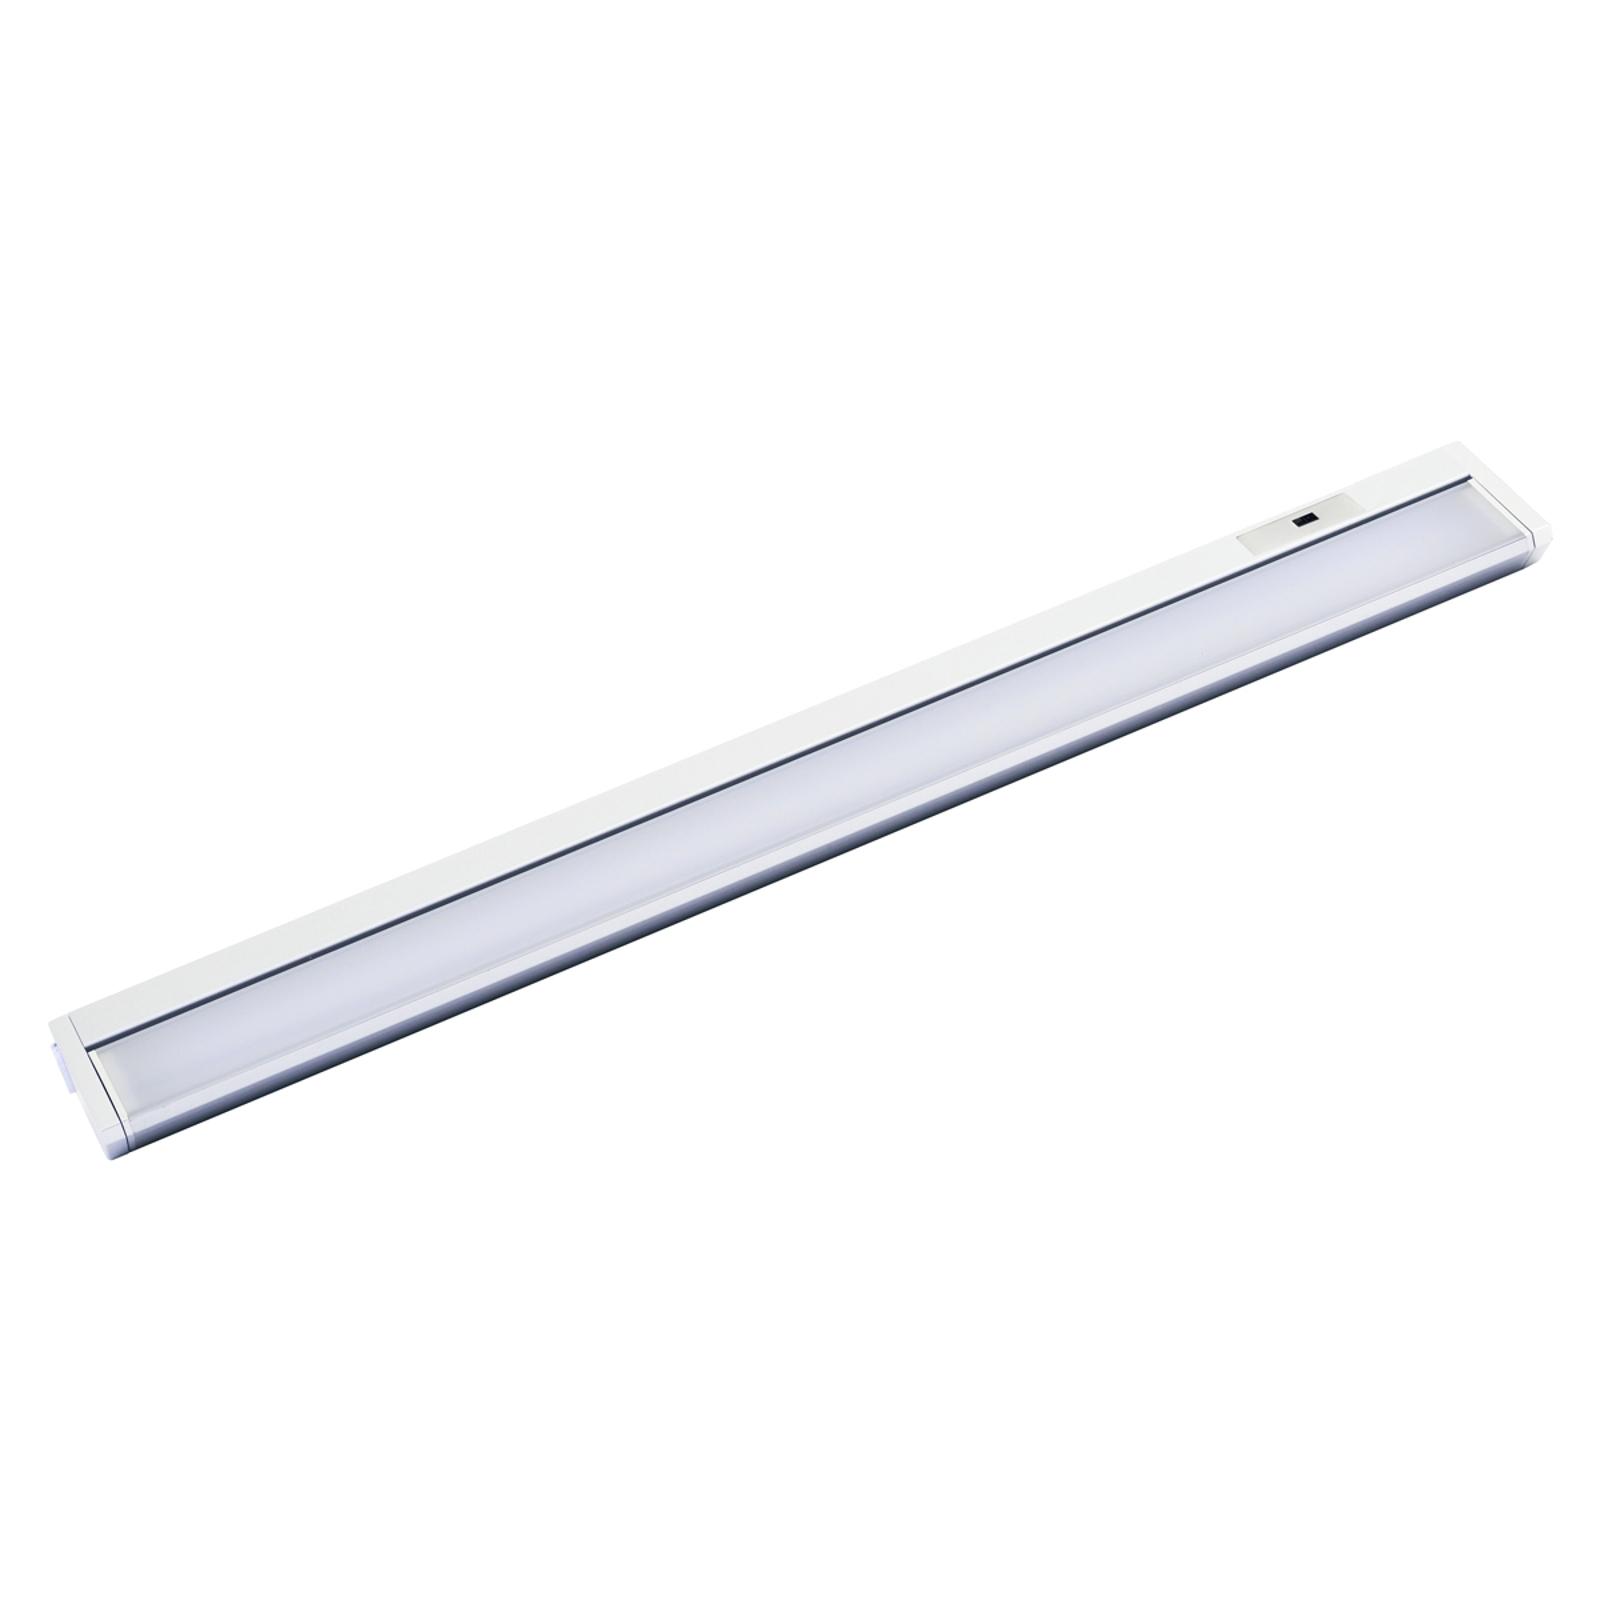 Skaplampe Cabinet Light Swing Sensor hvit